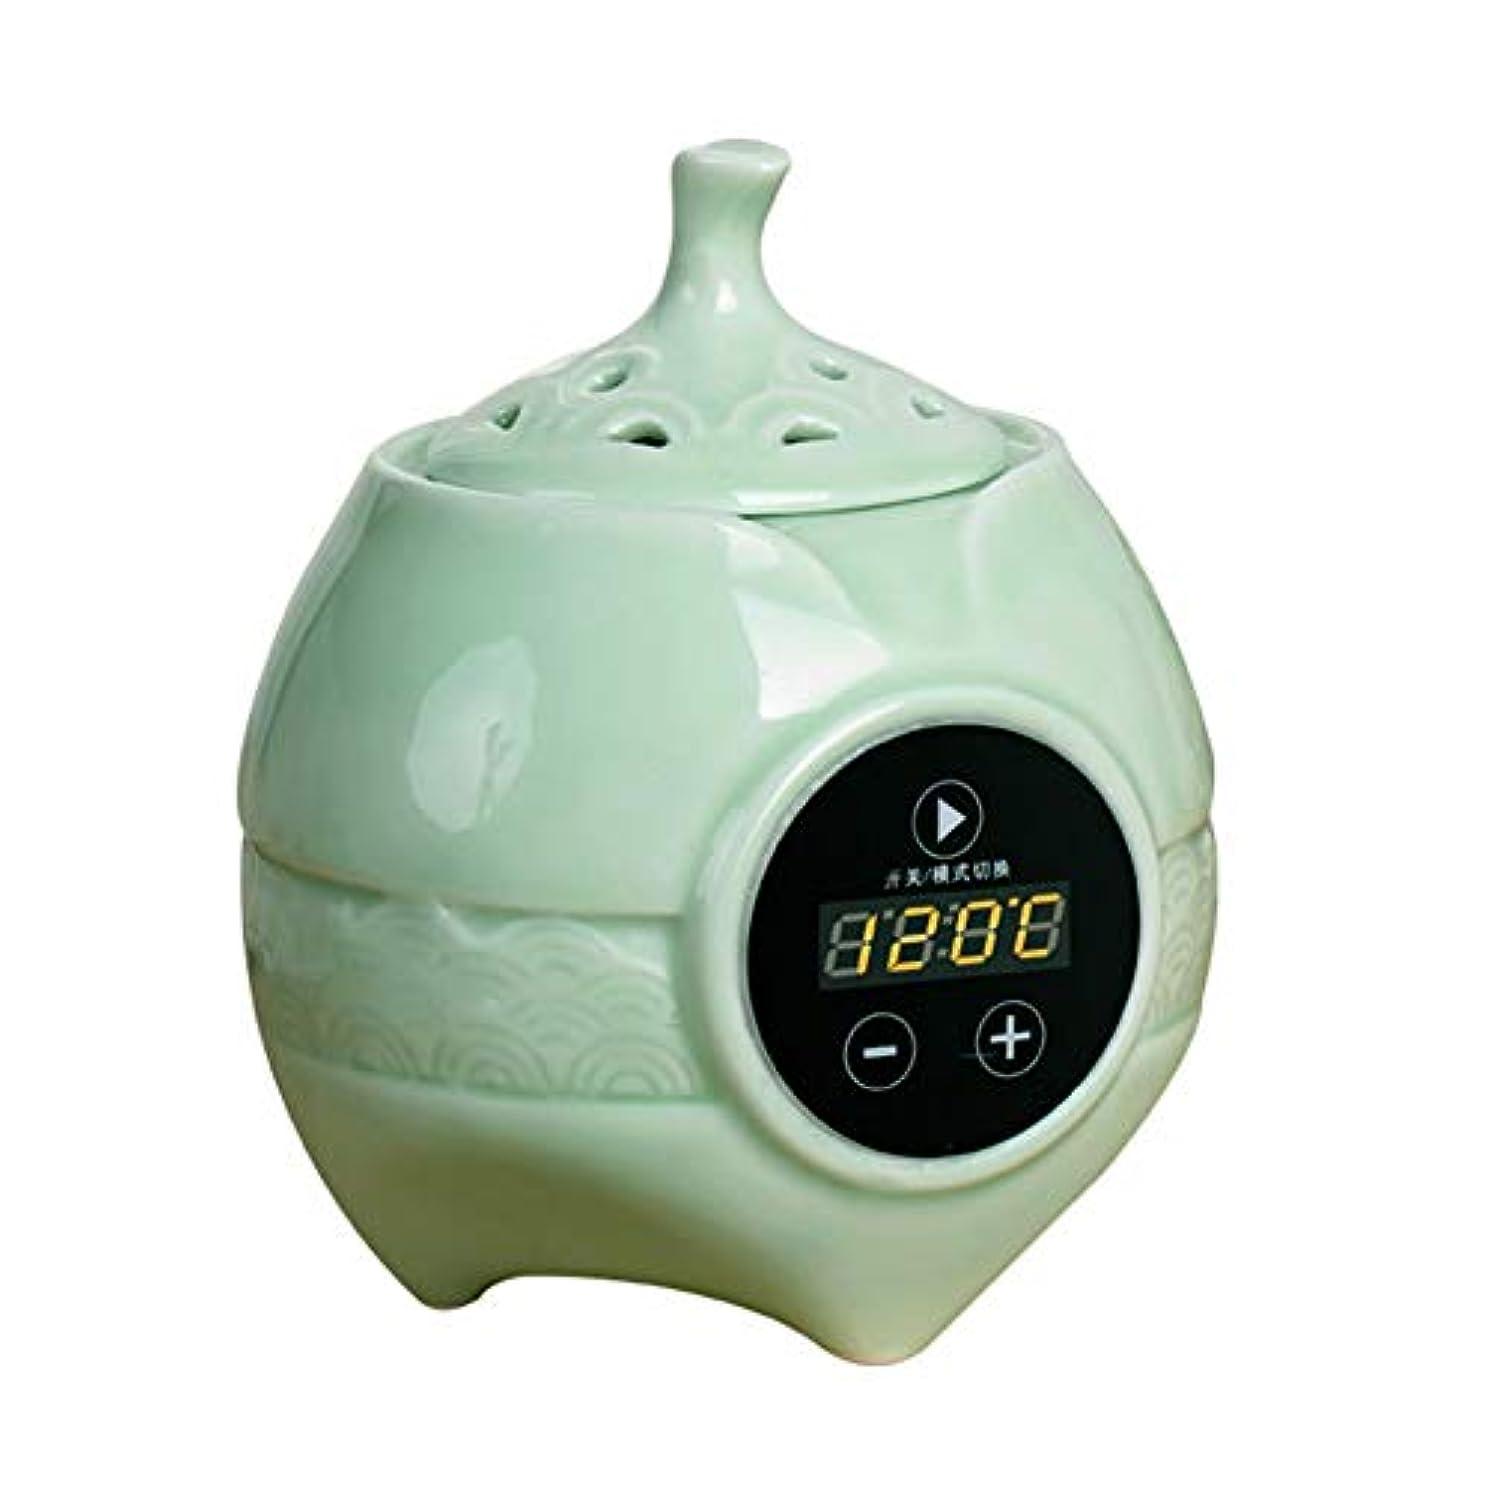 ビザアクティビティバスタブアロマディフューザー LCD温度制御 香炉、 電気セラミック 寒天 エッセンシャルオイル アロマテラピーディフューザー、 ホーム磁器、 バルコニー、 ポーチ、 パティオ、 ガーデンエッセンシャル セラミック電気香炉